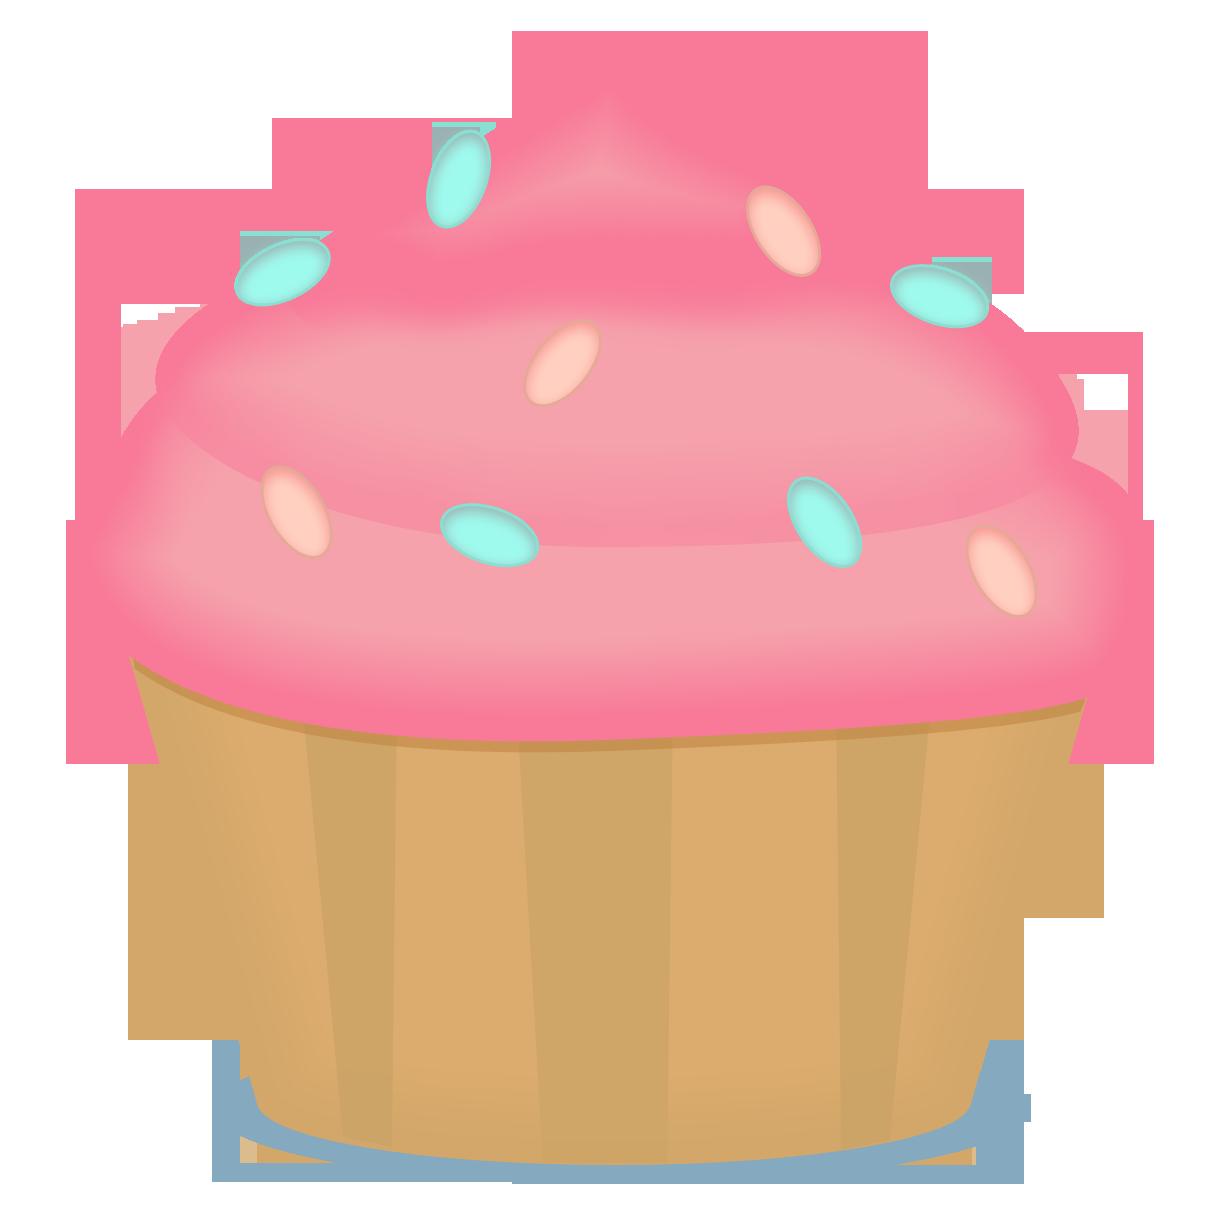 Dessert Border Clipart | Free download best Dessert Border Clipart ... clip free library